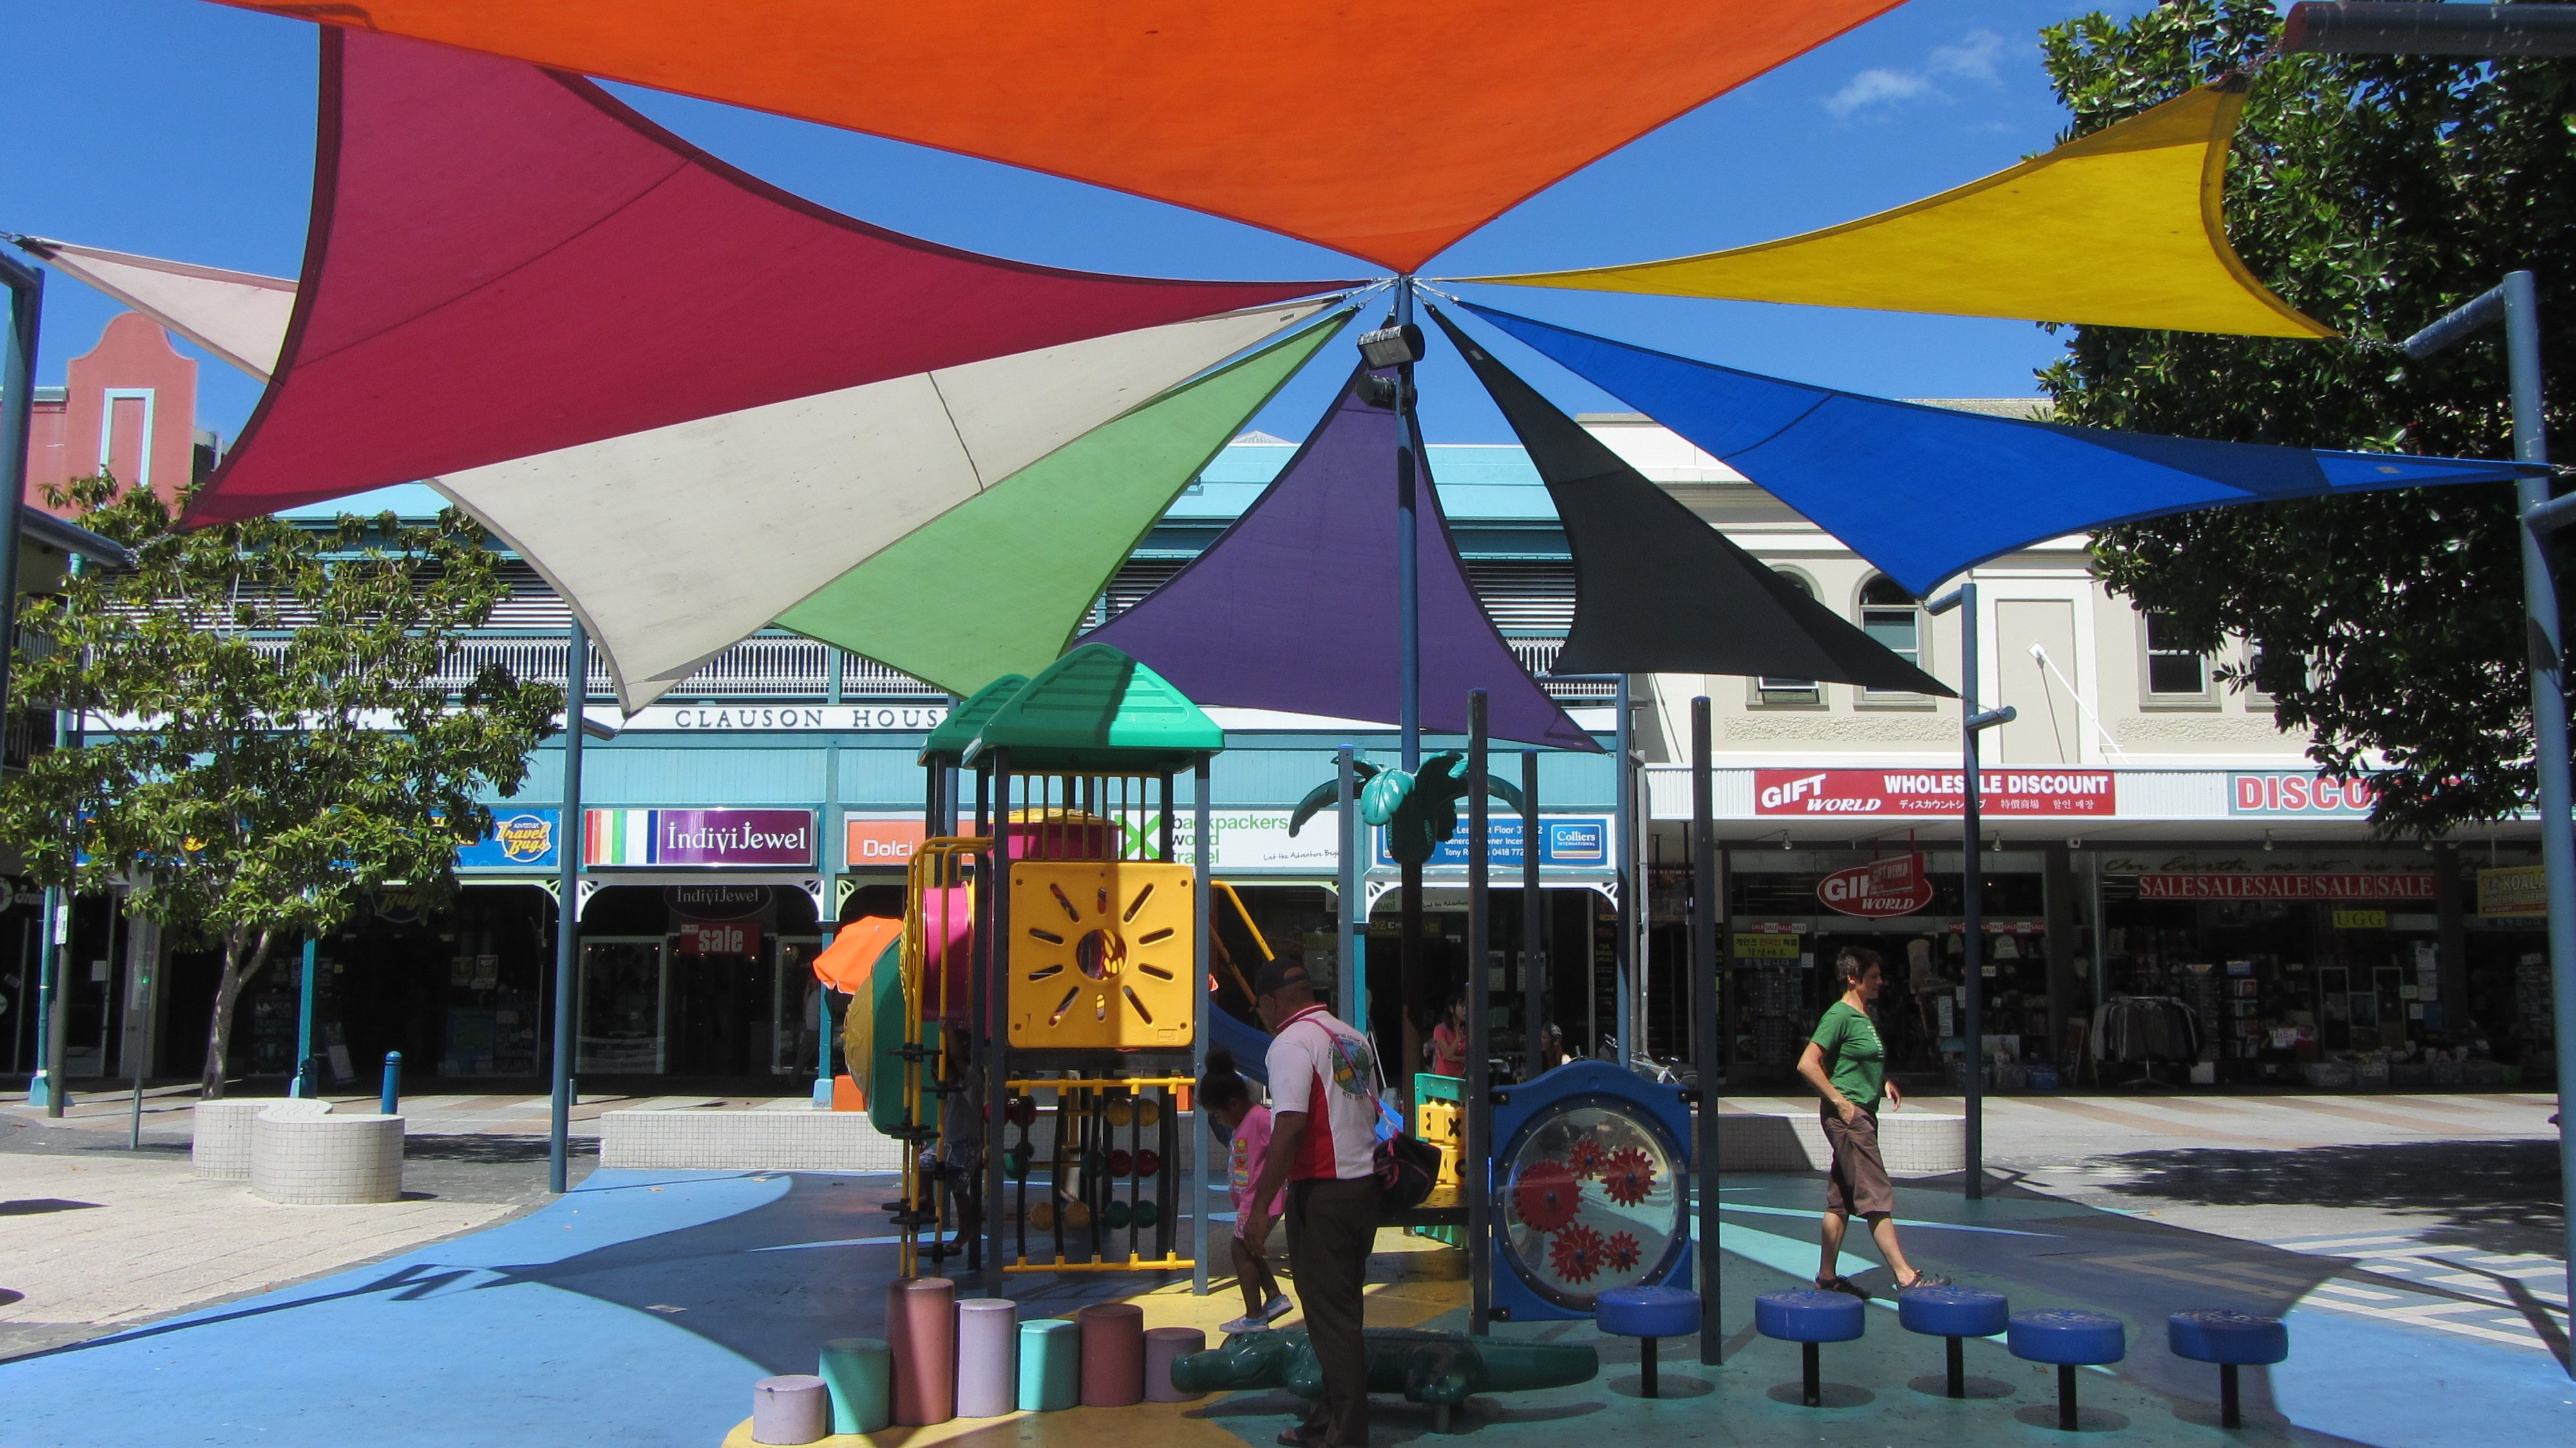 Spielplatz für Kinder in Fußgängerzone in Australien © in-australien.com